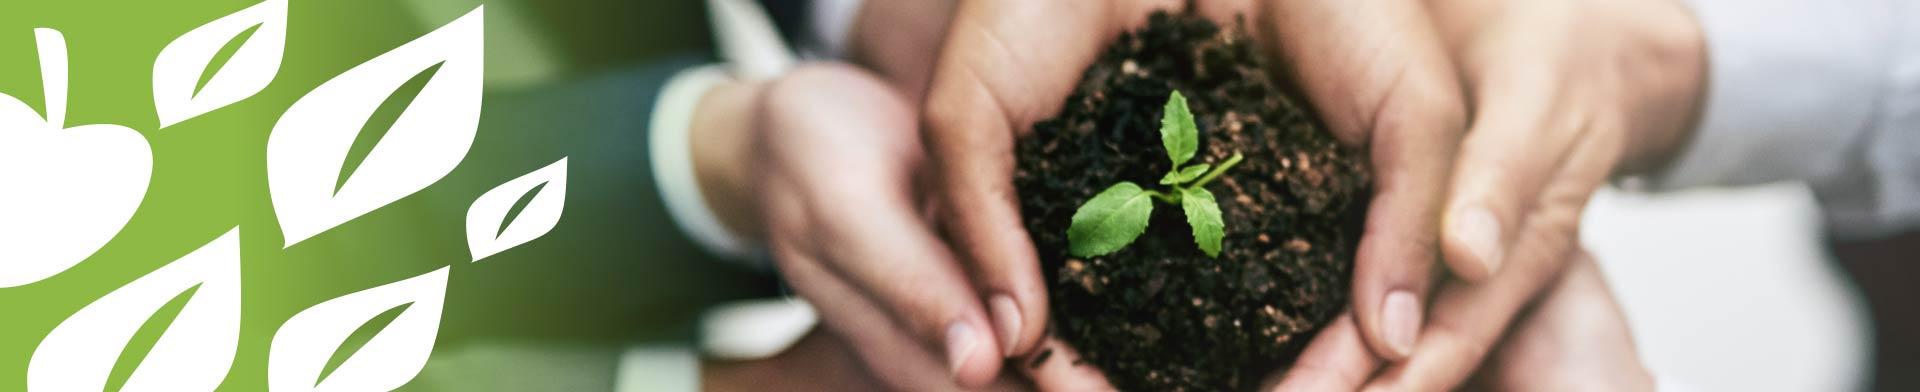 Environnement - Communauté de Communes de la Vanne et du Pays d'Othe